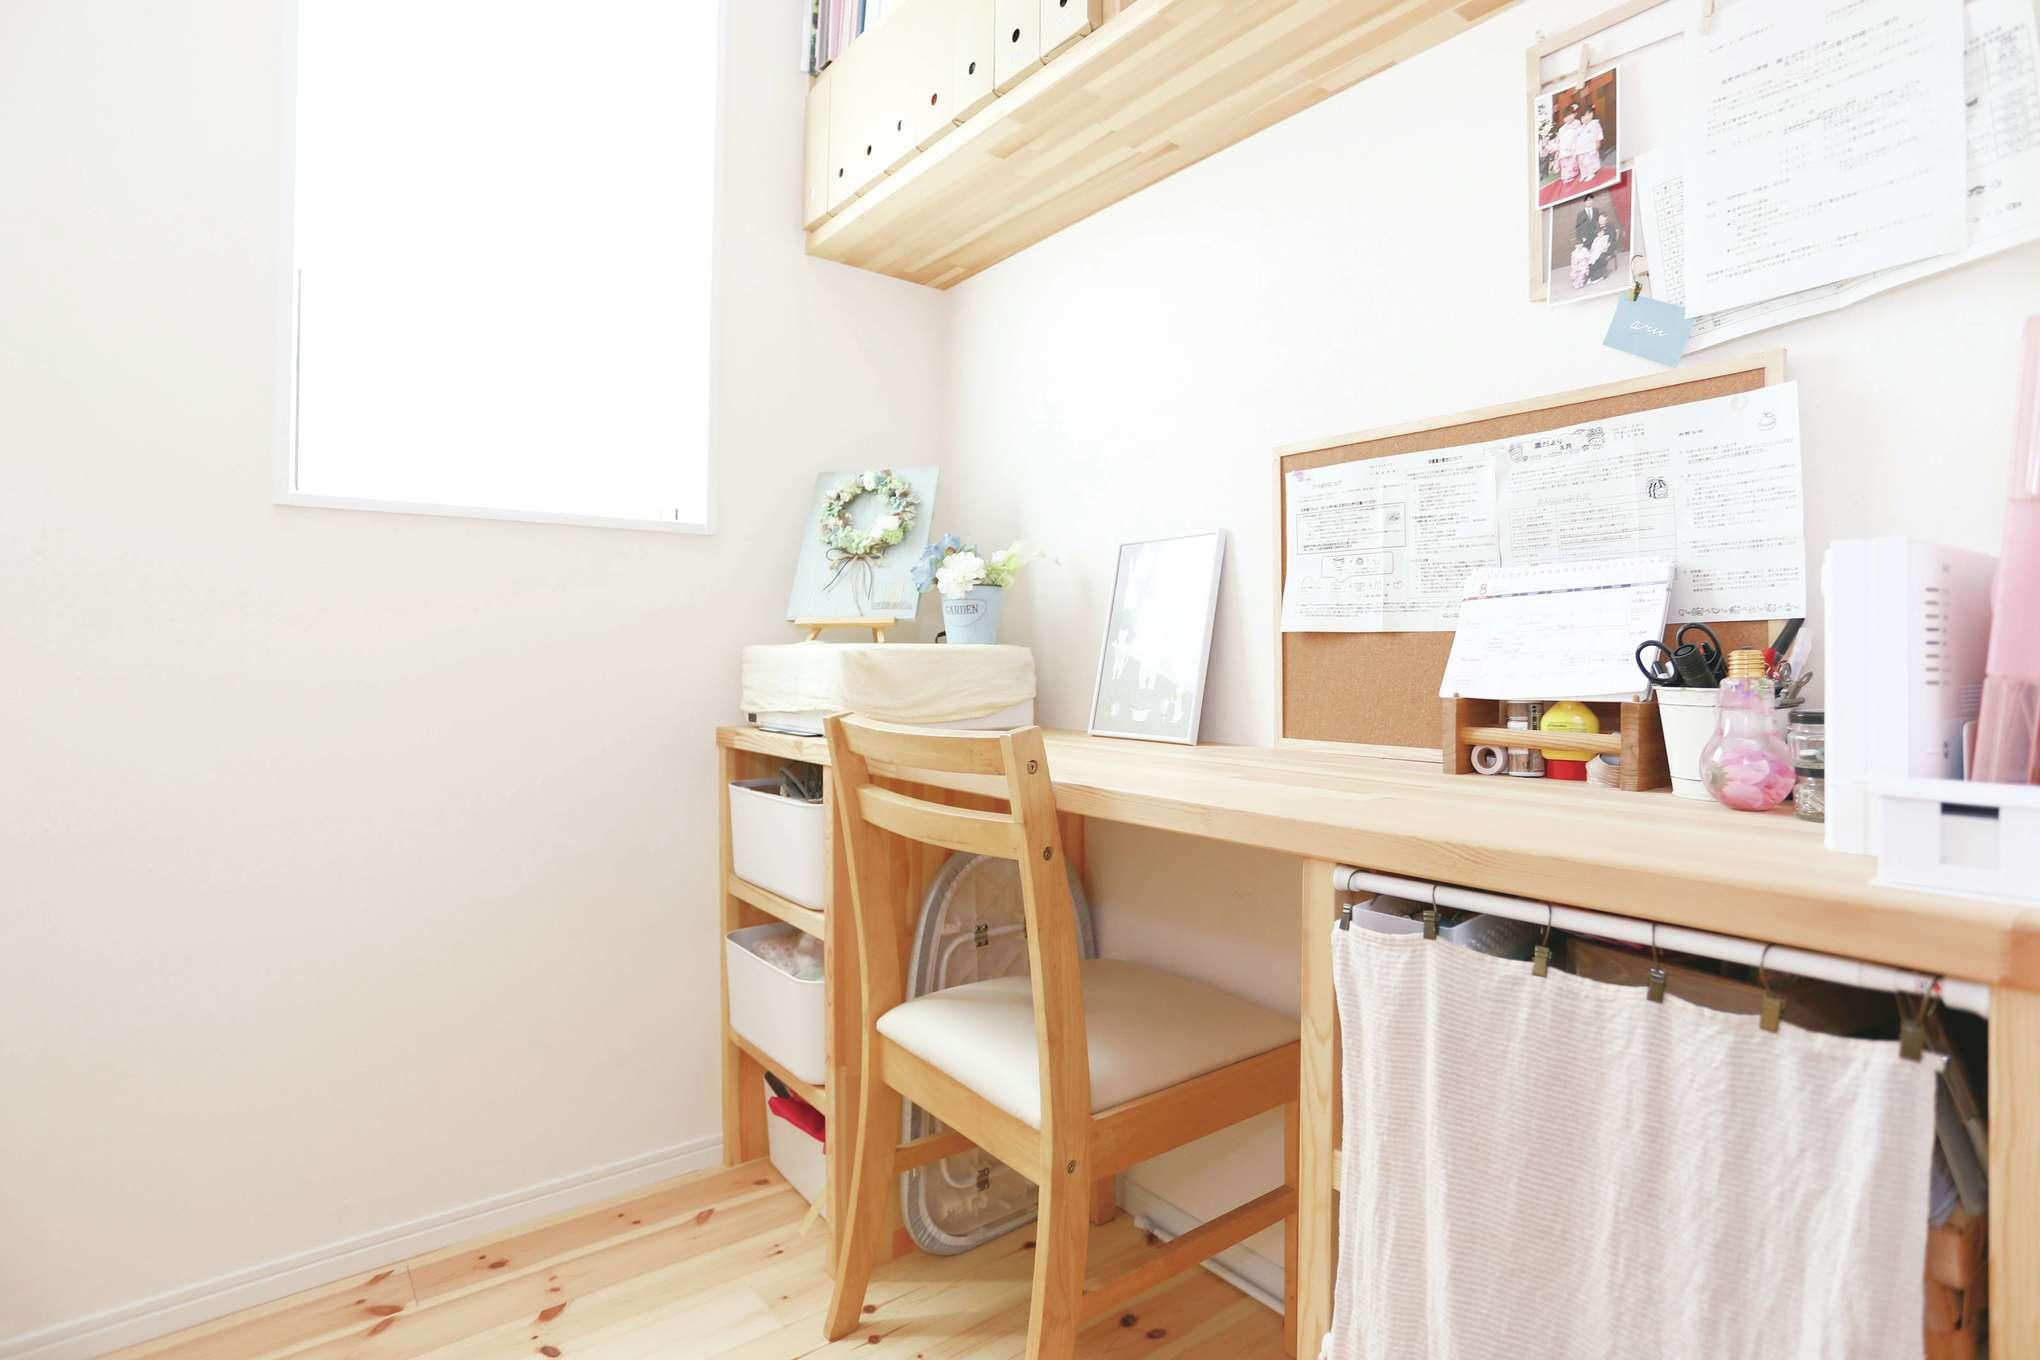 誠一建設 【デザイン住宅、自然素材、省エネ】キッチンの近くに家事室を設計。お子さまの園の書類を整理したり、家に持ち帰った仕事を行うのに最適だ